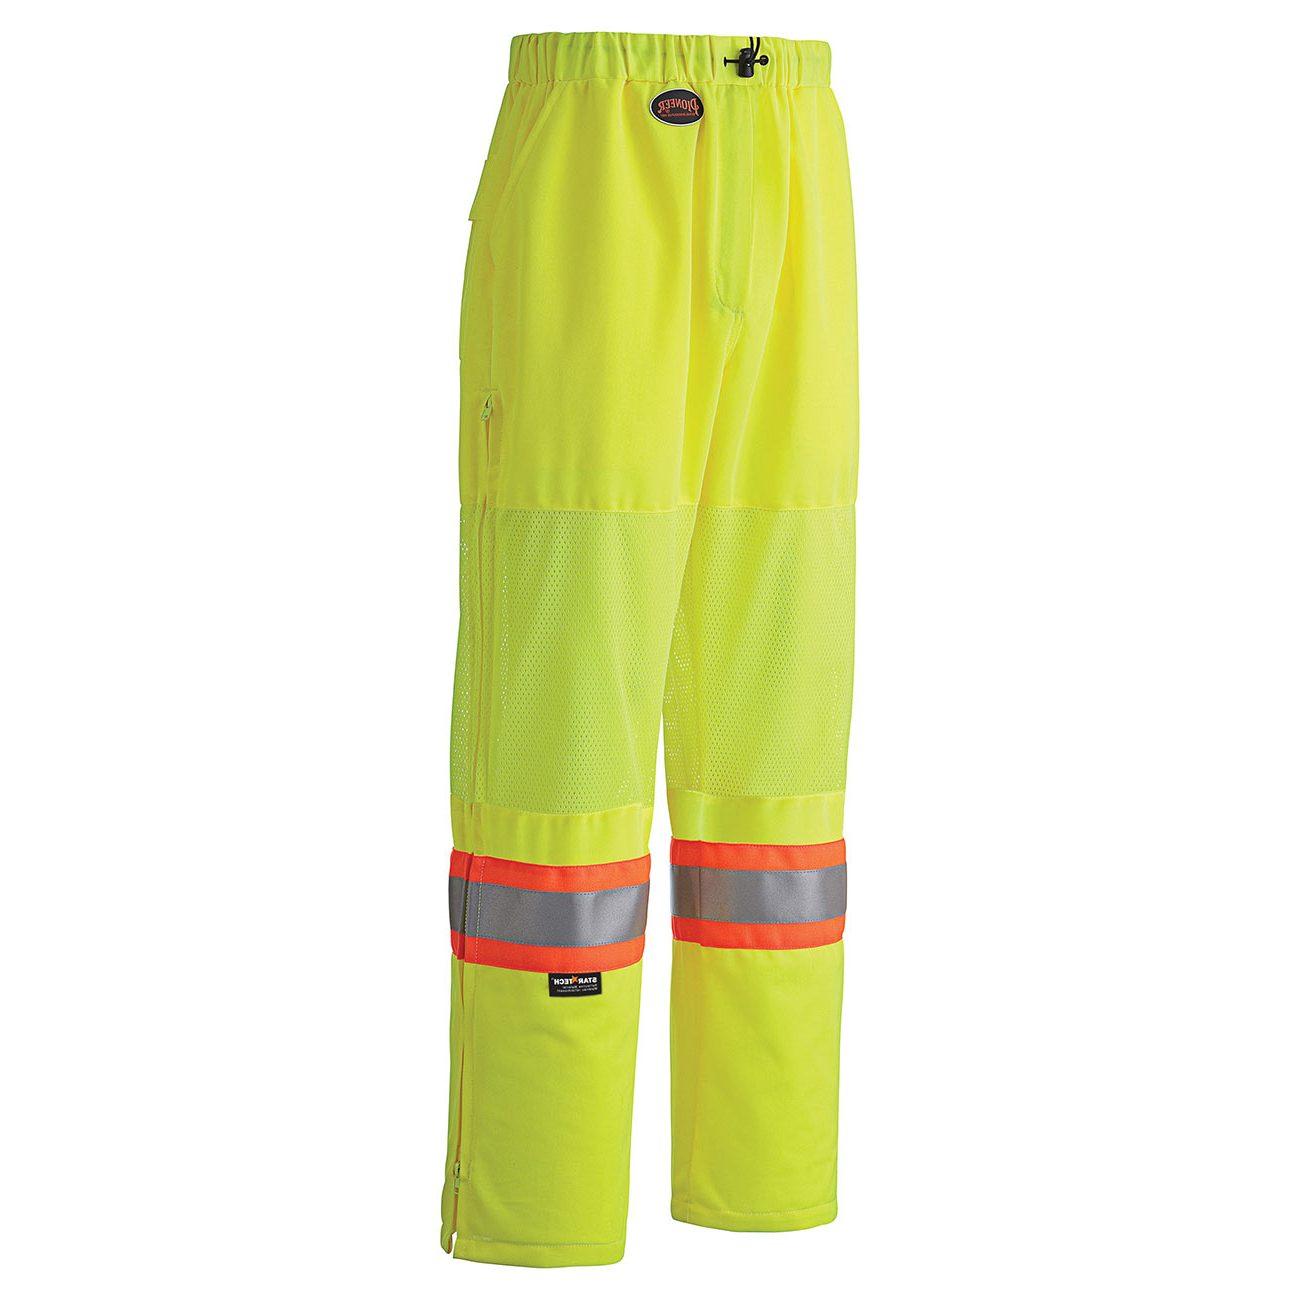 hi-viz traffic safety pant yellow